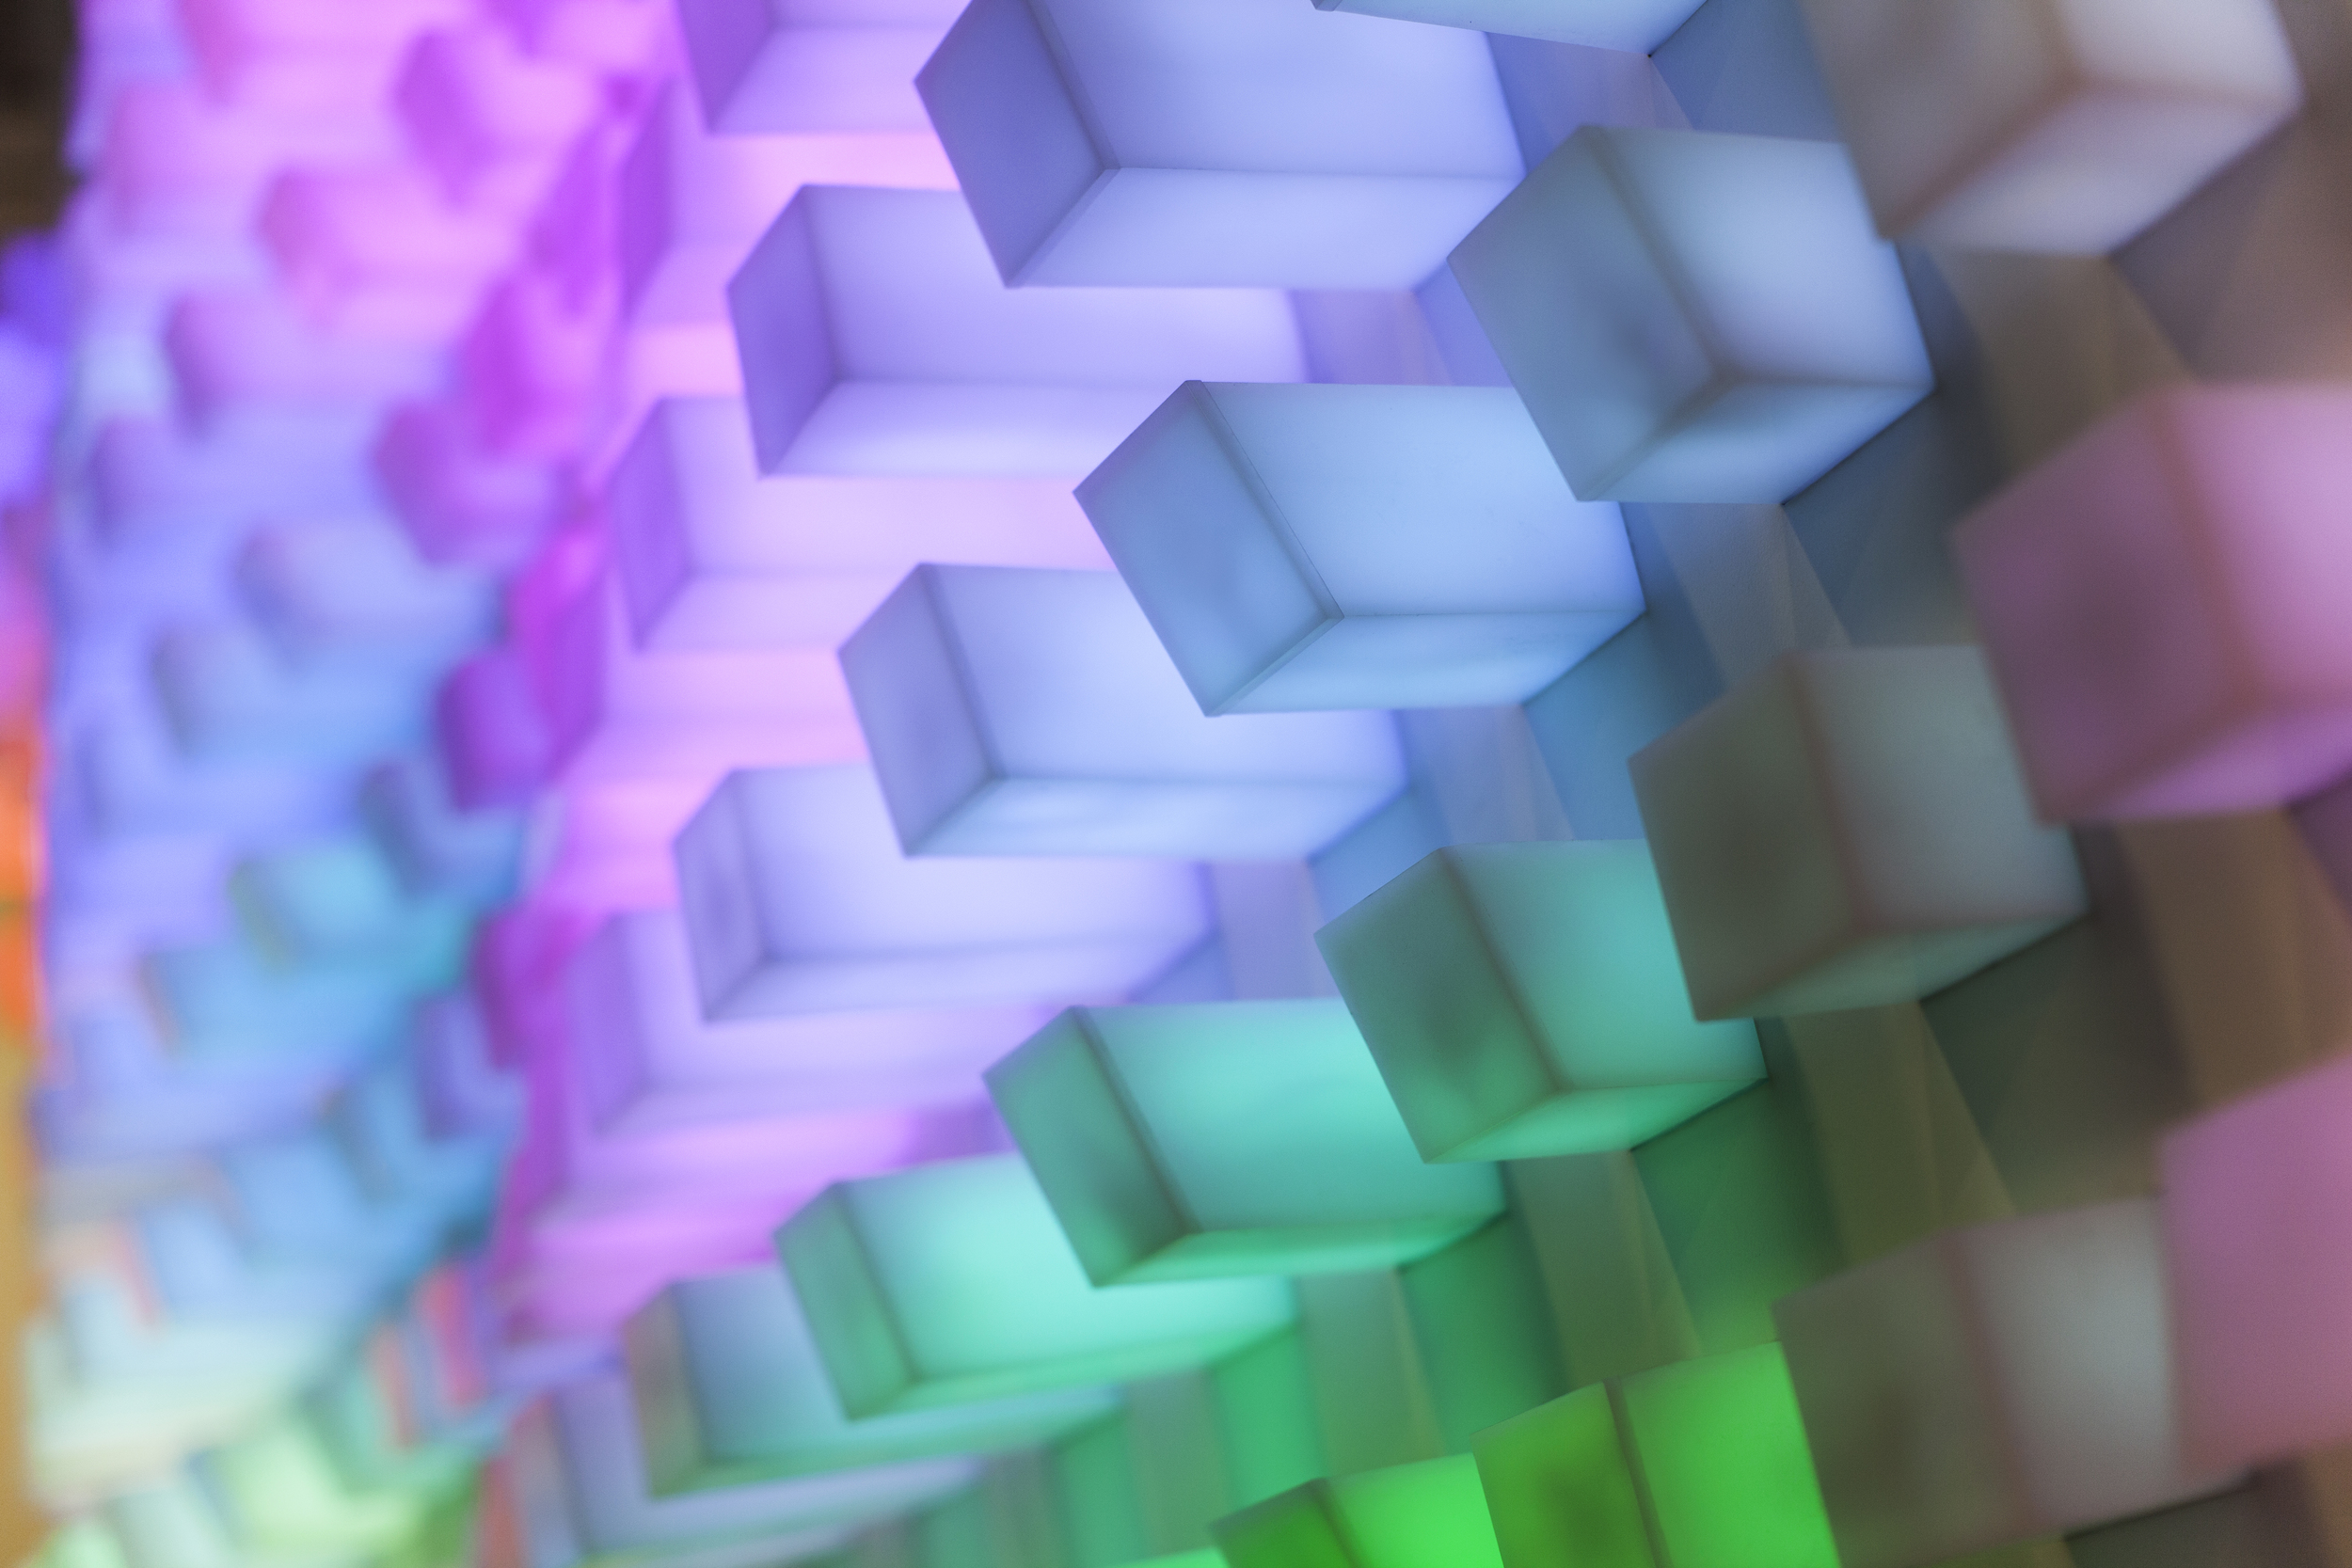 Sugar_Dolby_StudioStudio_20150903_0789_w2_RGB.jpg